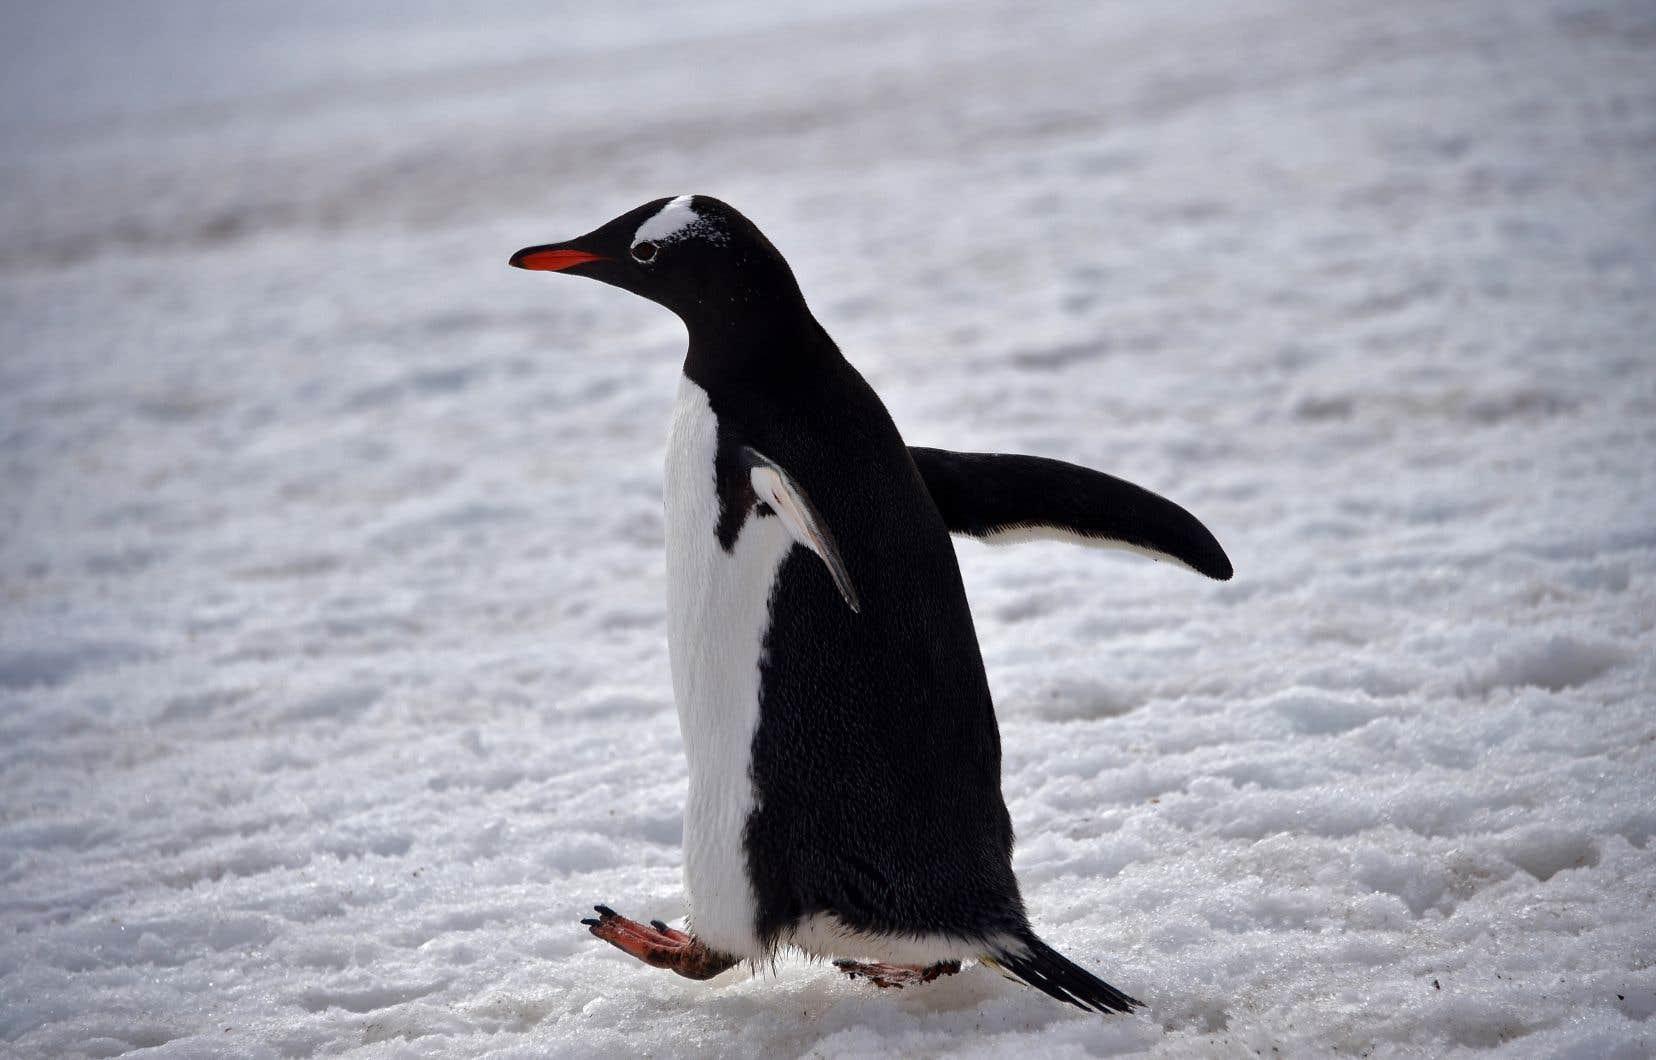 La majeure partie de l'Antarctique occidental et de la péninsule antarctique a subi un réchauffement et une fonte des glaces dans la deuxième moitié du XXesiècle.